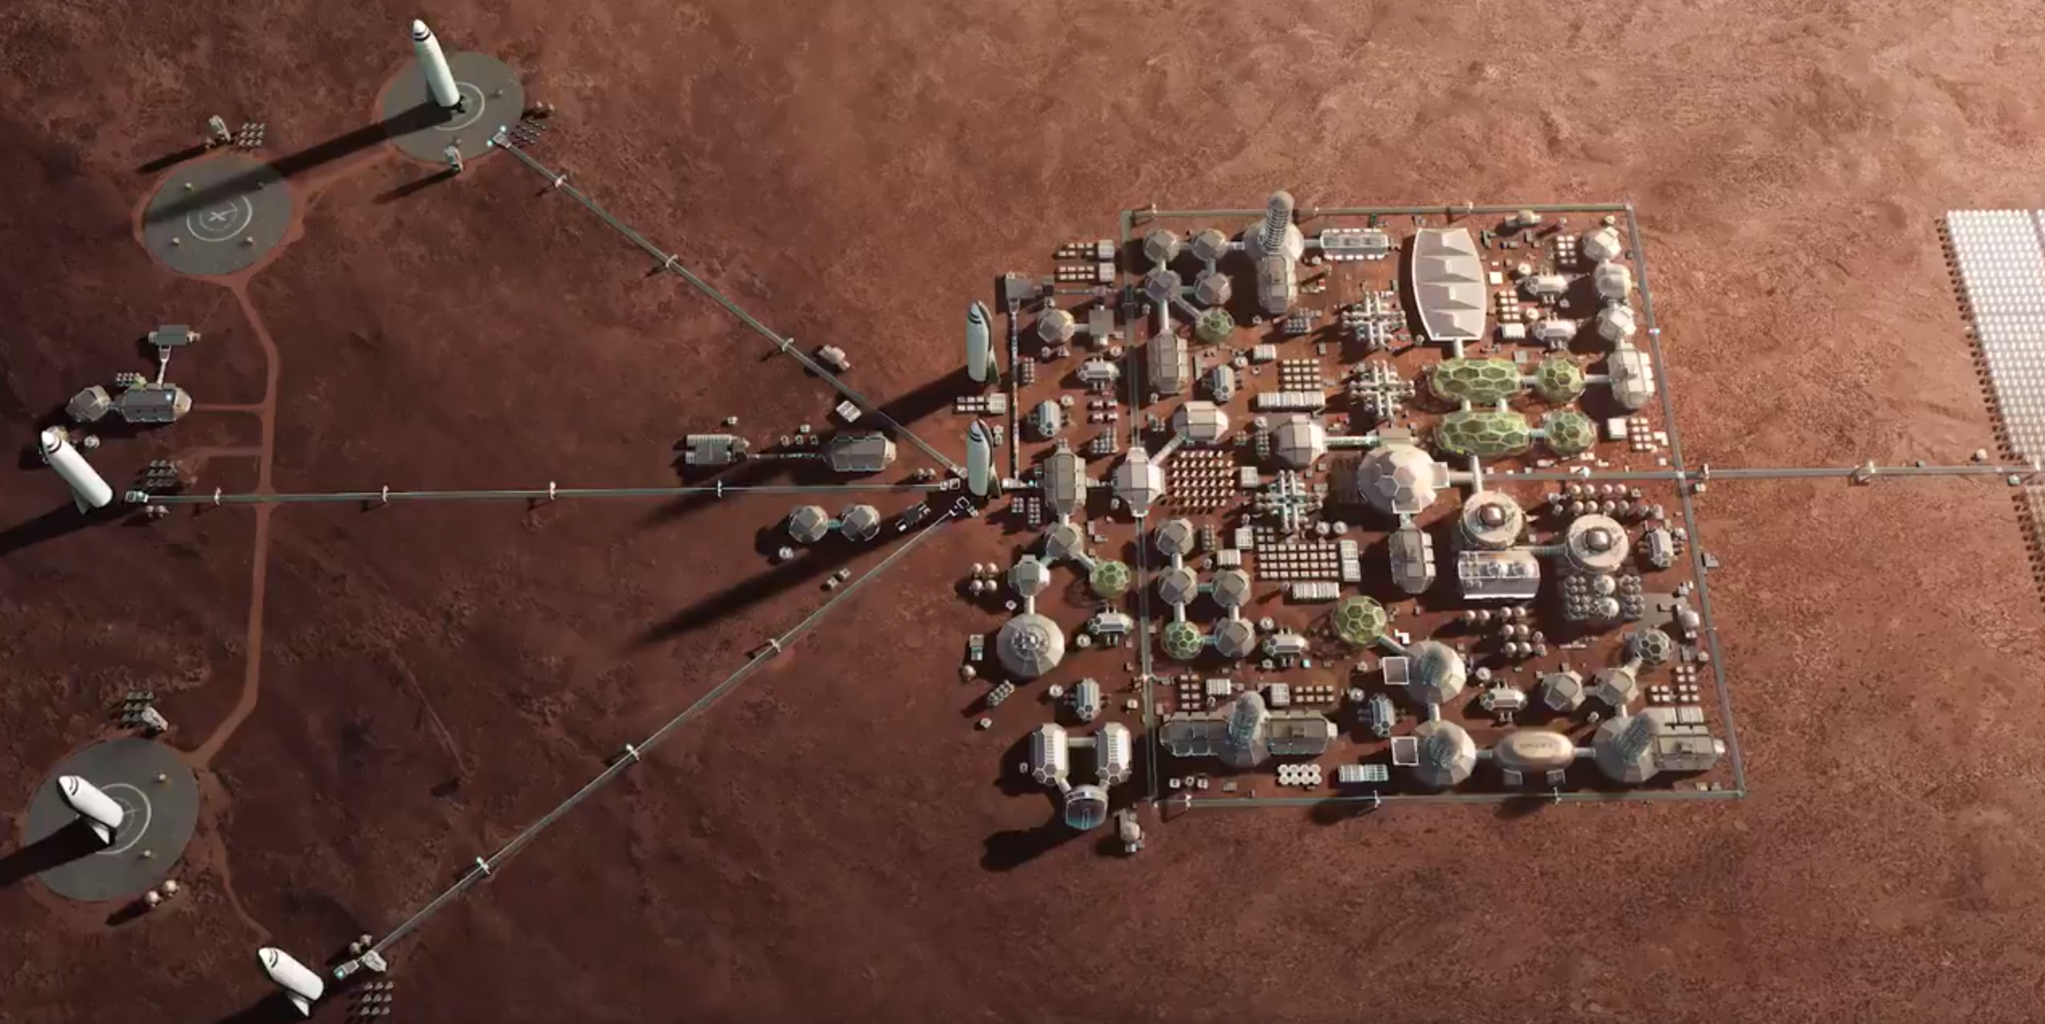 Илон Маск продолжает убеждать в необходимости создания колонии людей на Марсе - 1